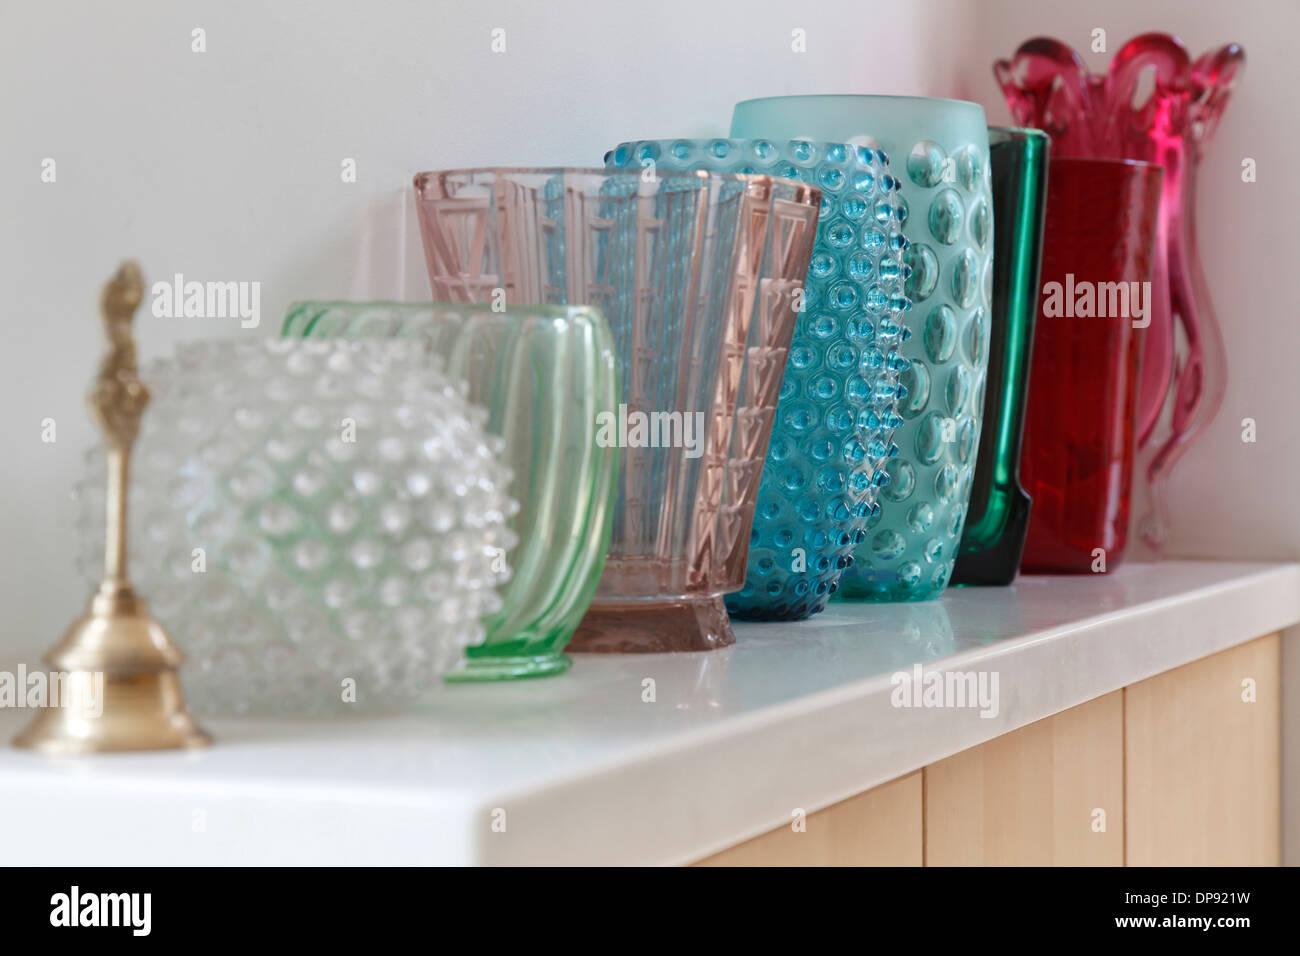 Vidrio decorativo en varios colores Bolera interior, Londres, Reino Unido. Imagen De Stock